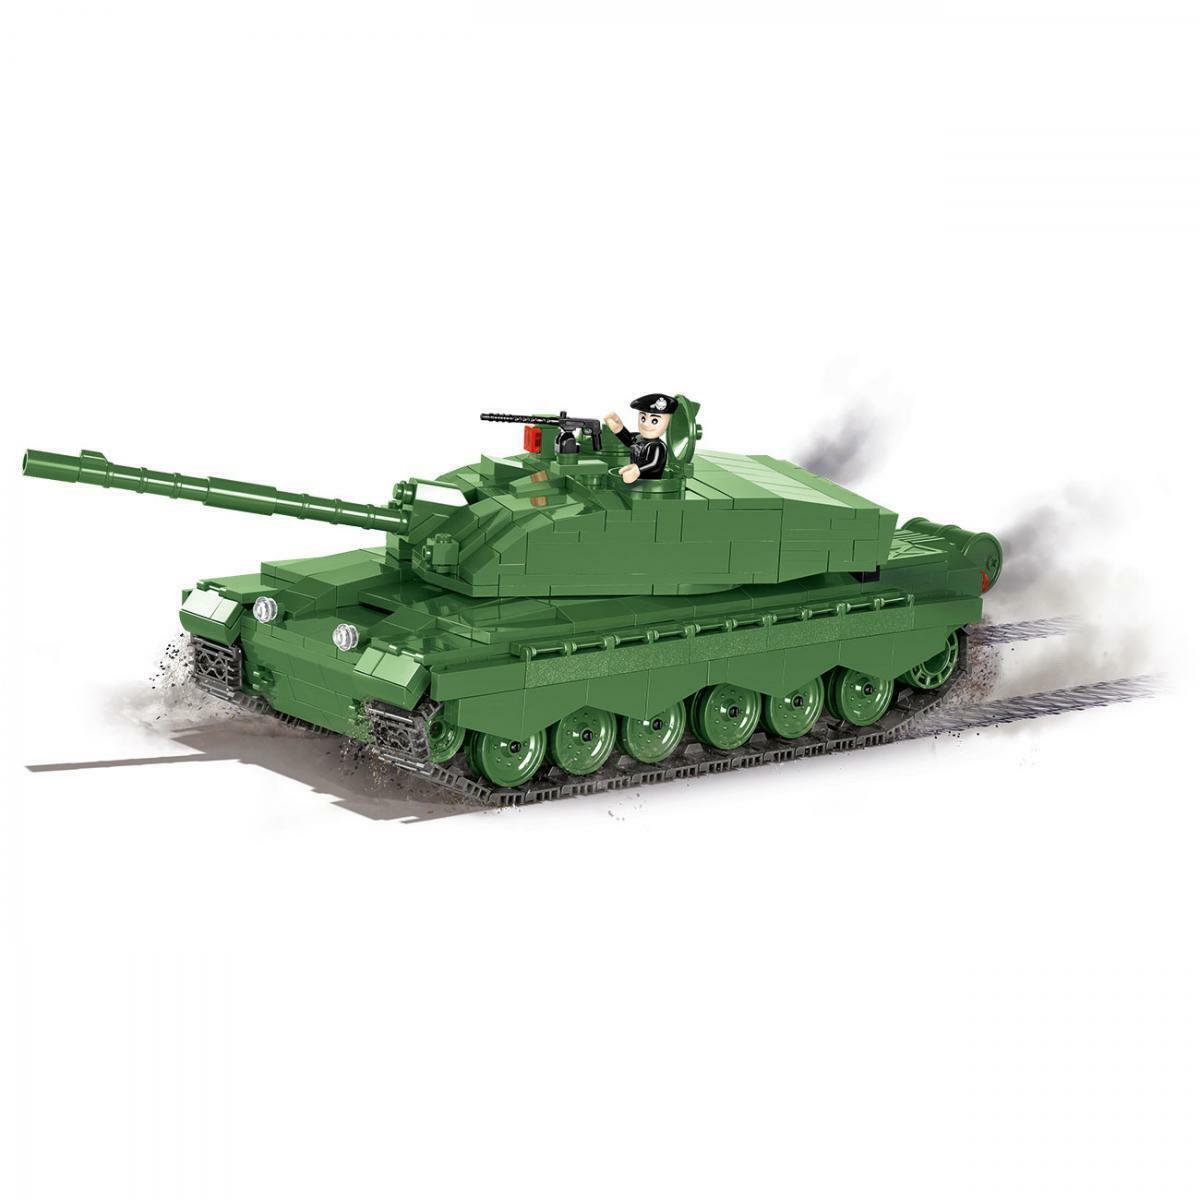 Cobi 2614 Jagdpanzer VI Jagdtiger Jagdtiger Jagdtiger d1c020